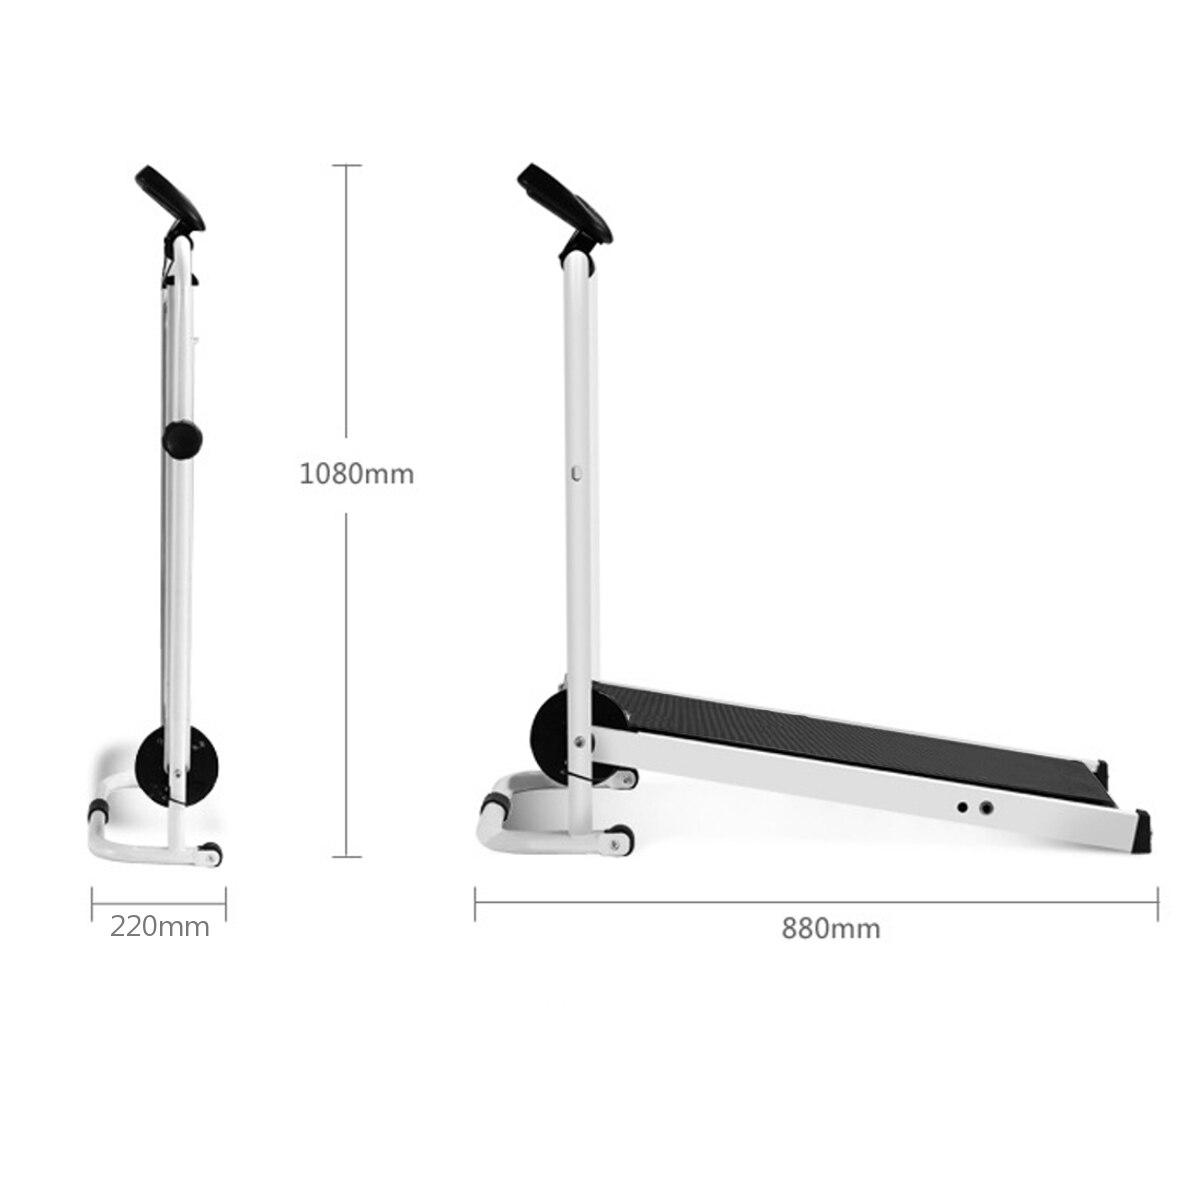 Tapis roulant pliable électrique LED affichage jogging espace marche Machine aérobie Sport Fitness équipement pas d'espace de plancher facile à déplacer - 5